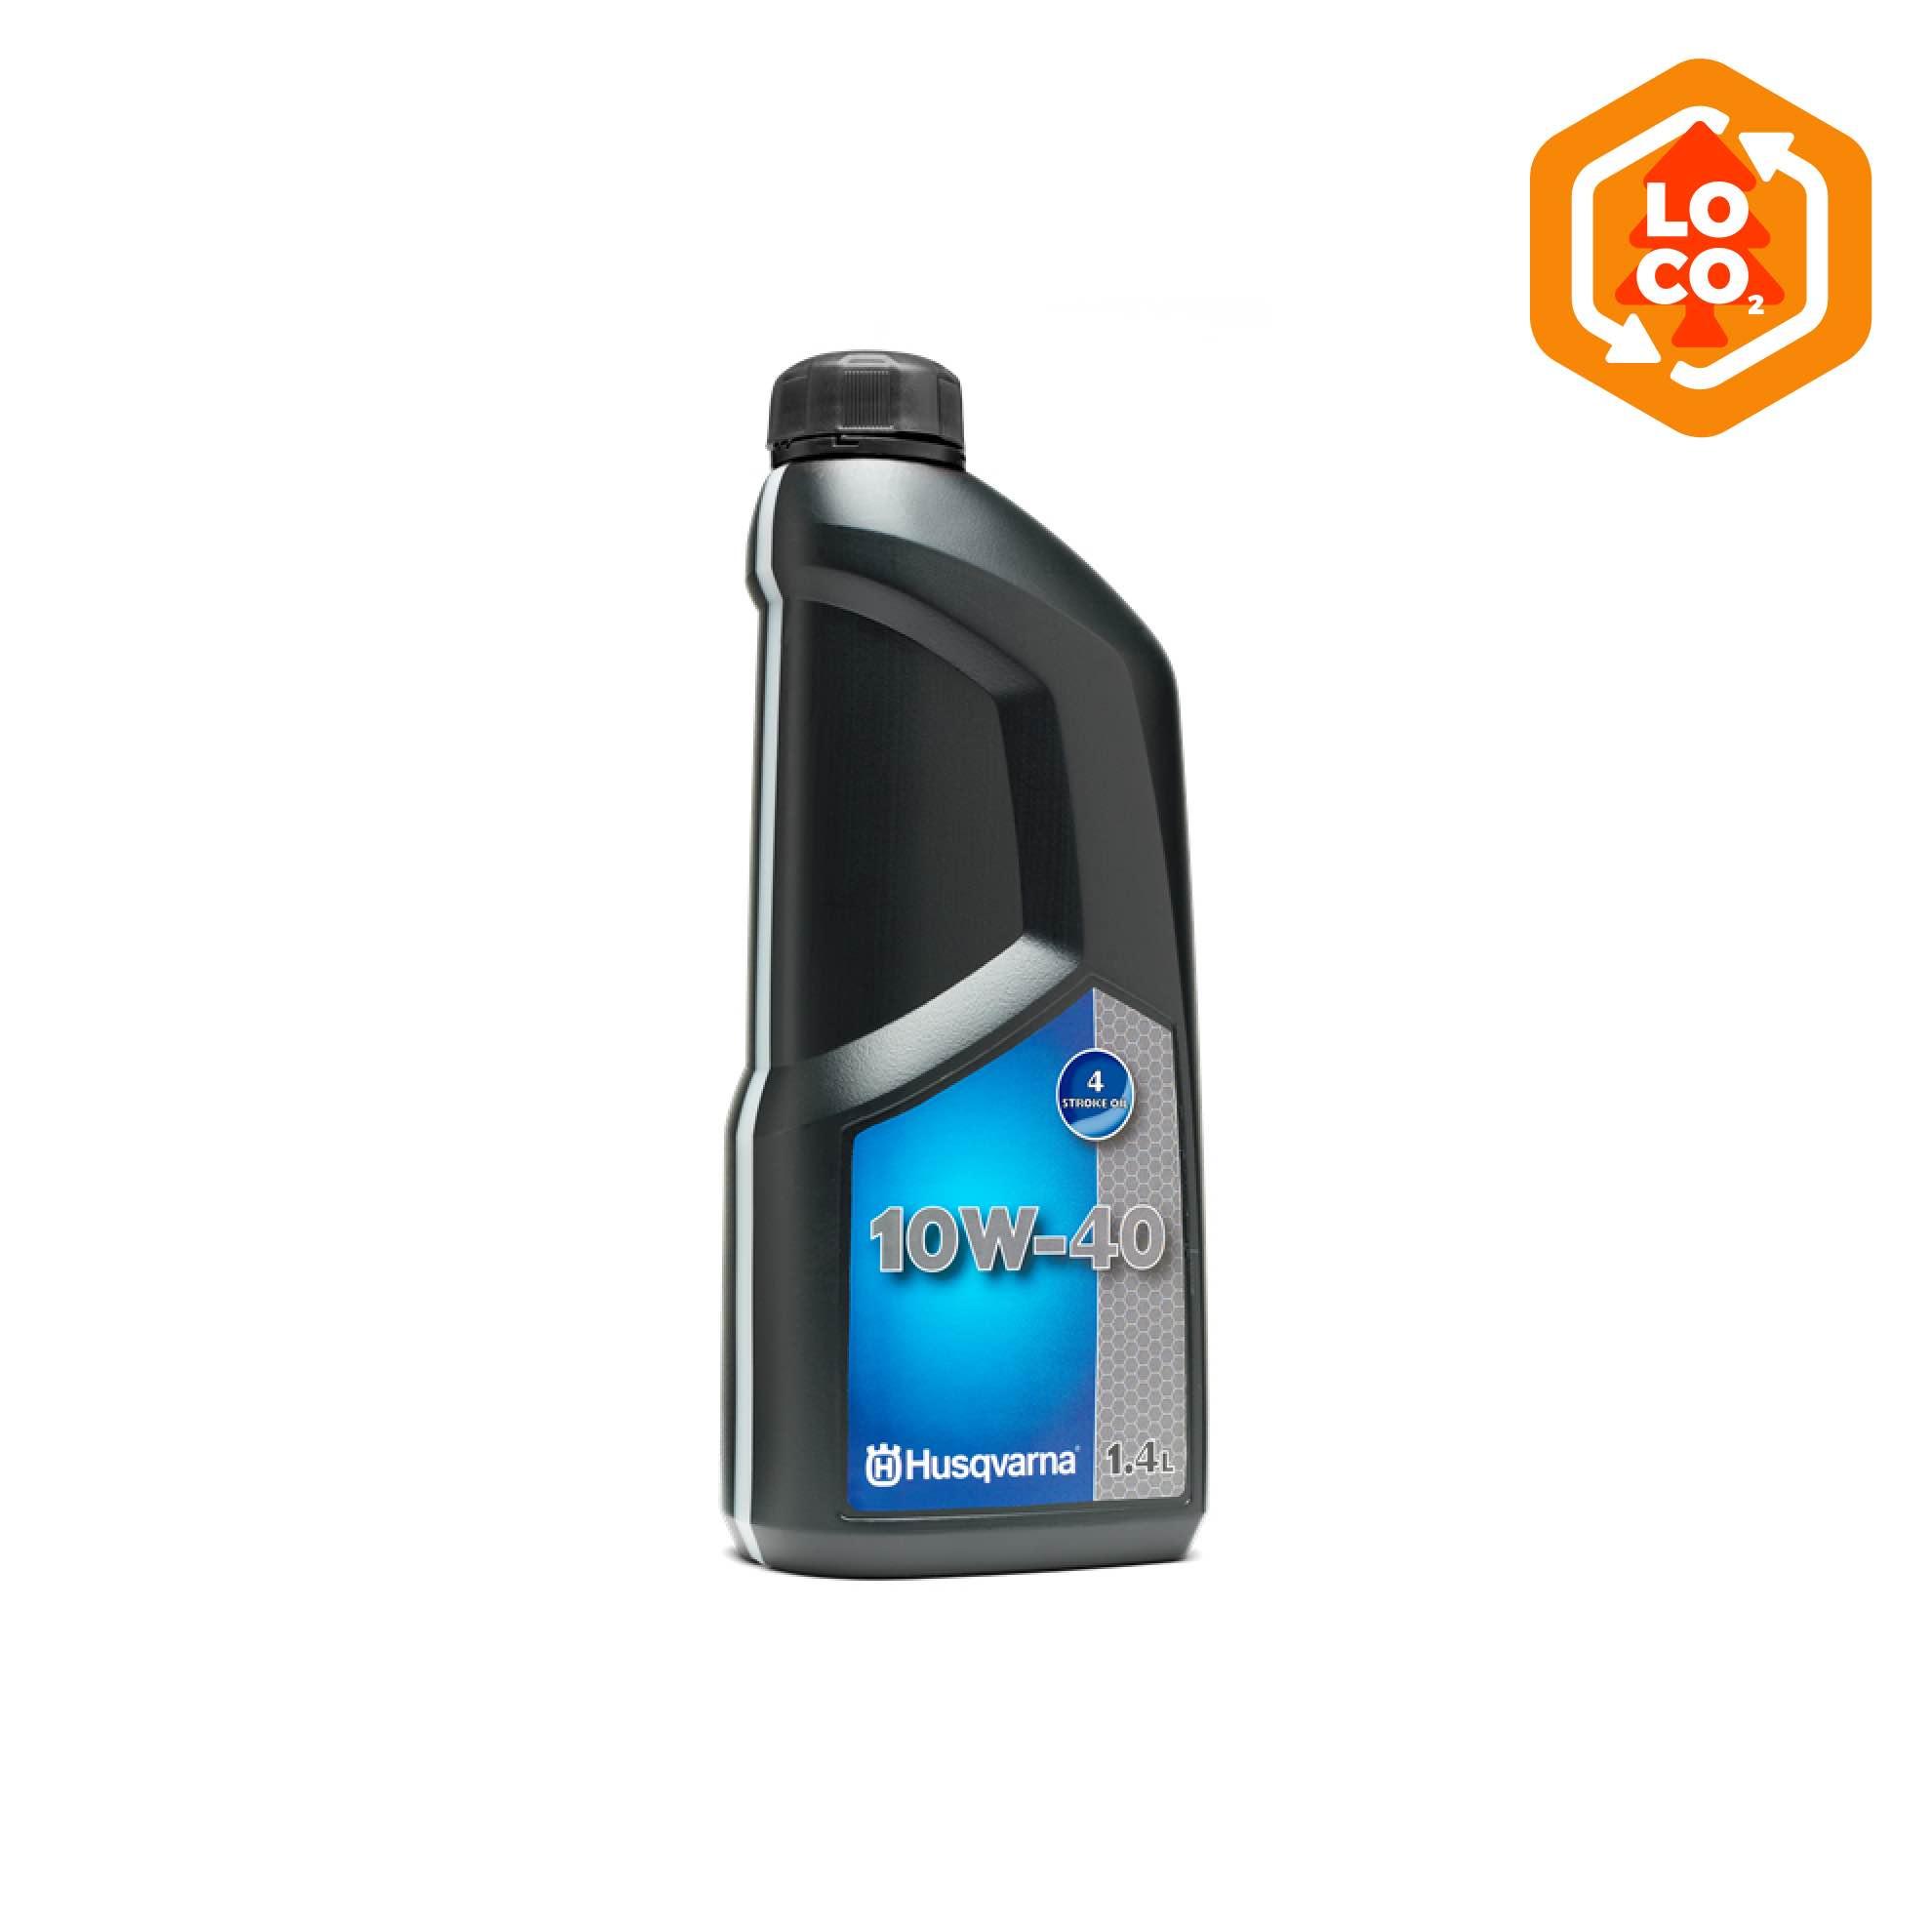 Husqvarna 4-Stroke Oil 10W-40 Oil